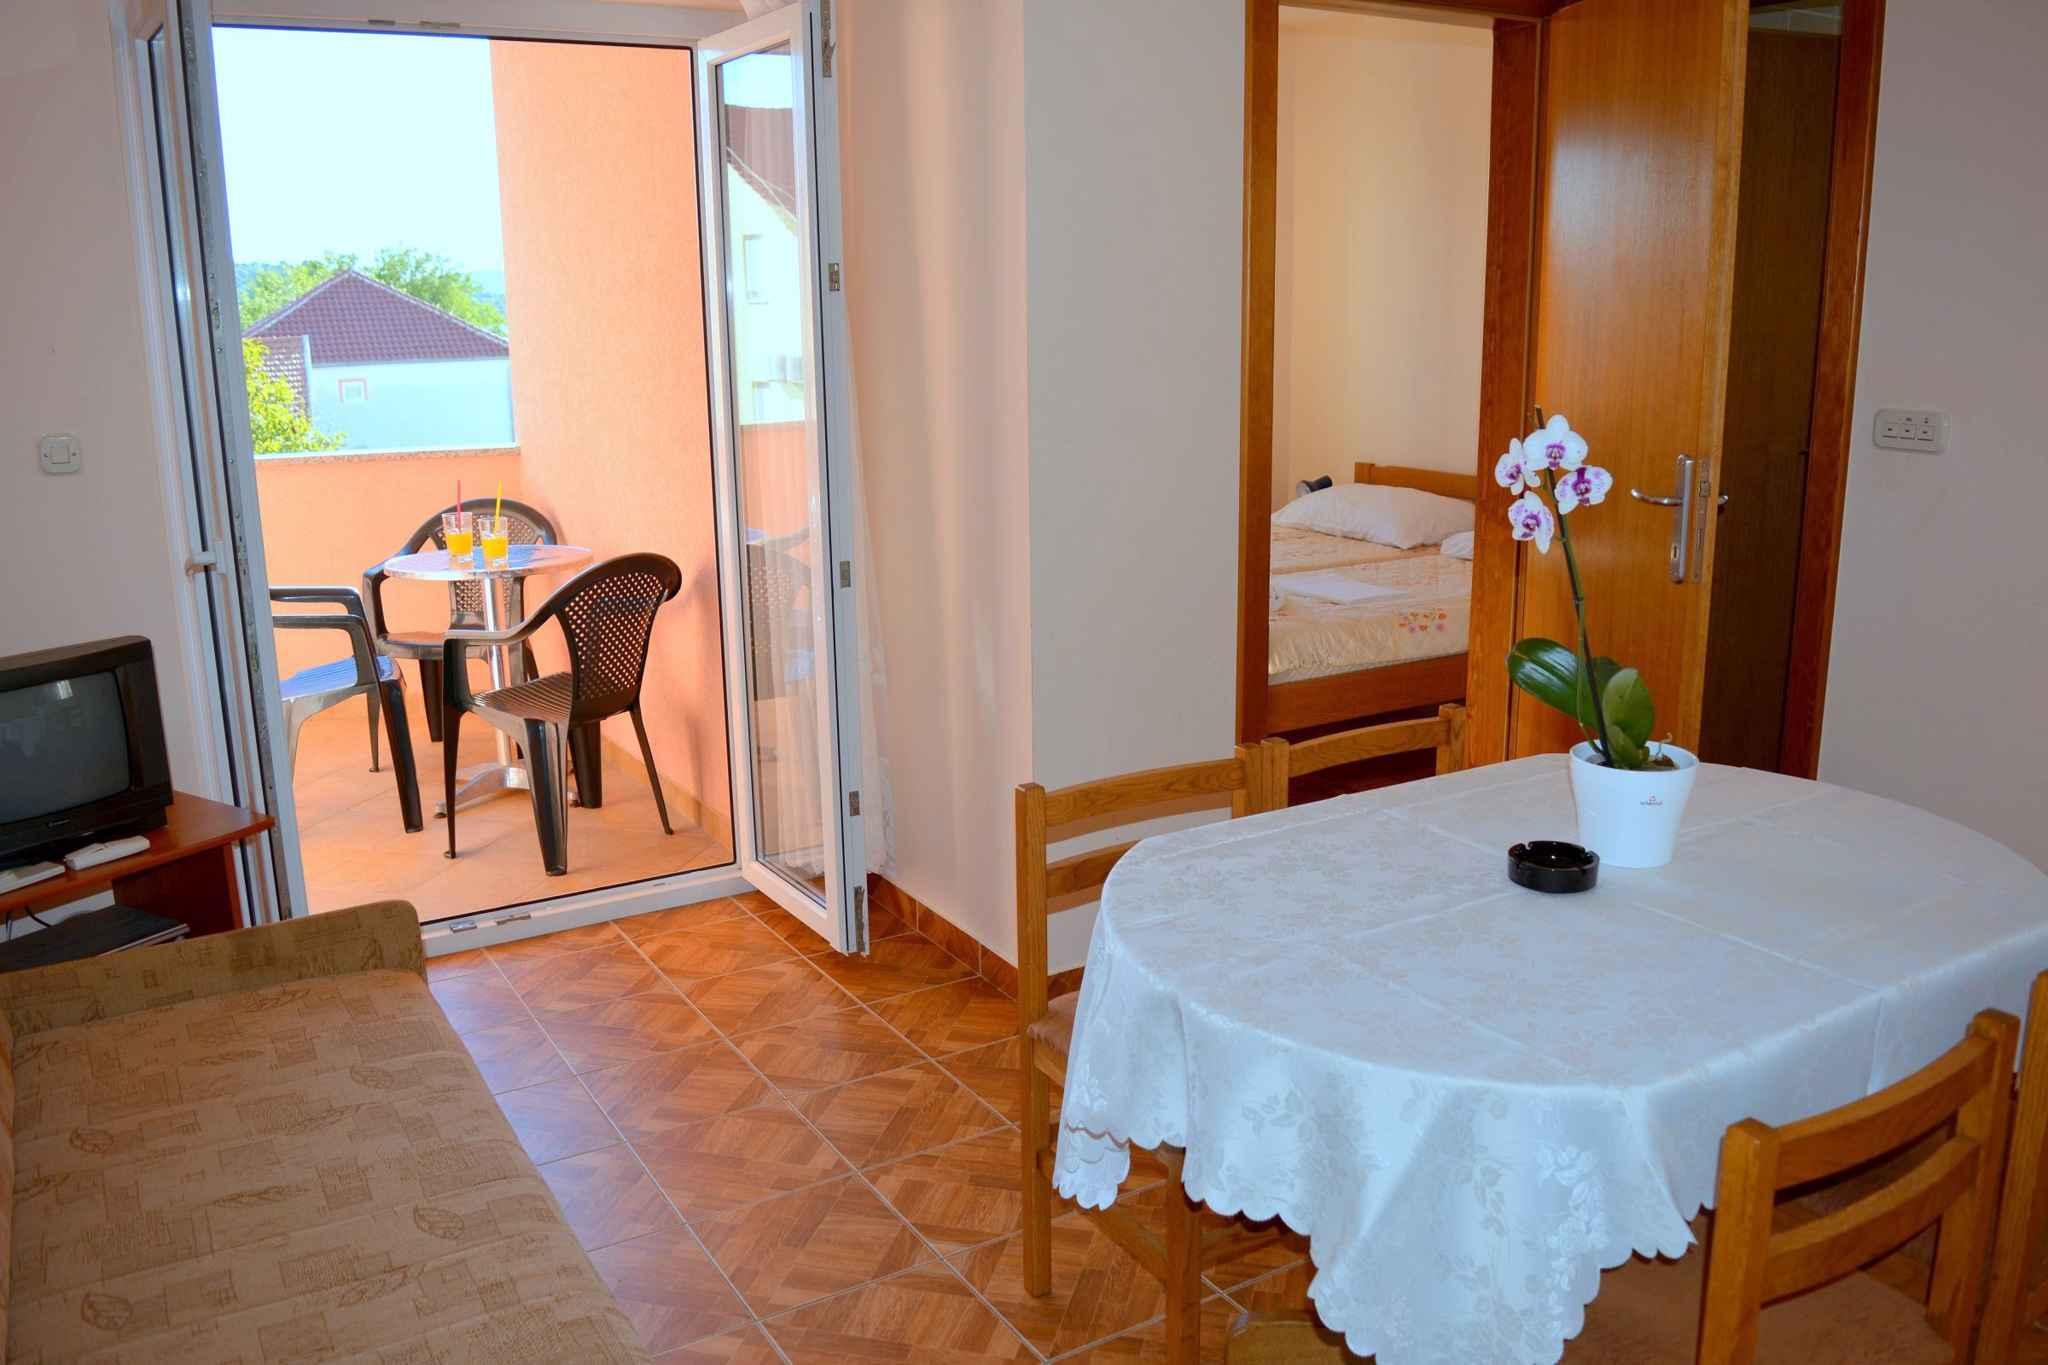 Ferienwohnung mit Internet in der Nähe der Adria (278861), Vodice, , Dalmatien, Kroatien, Bild 12